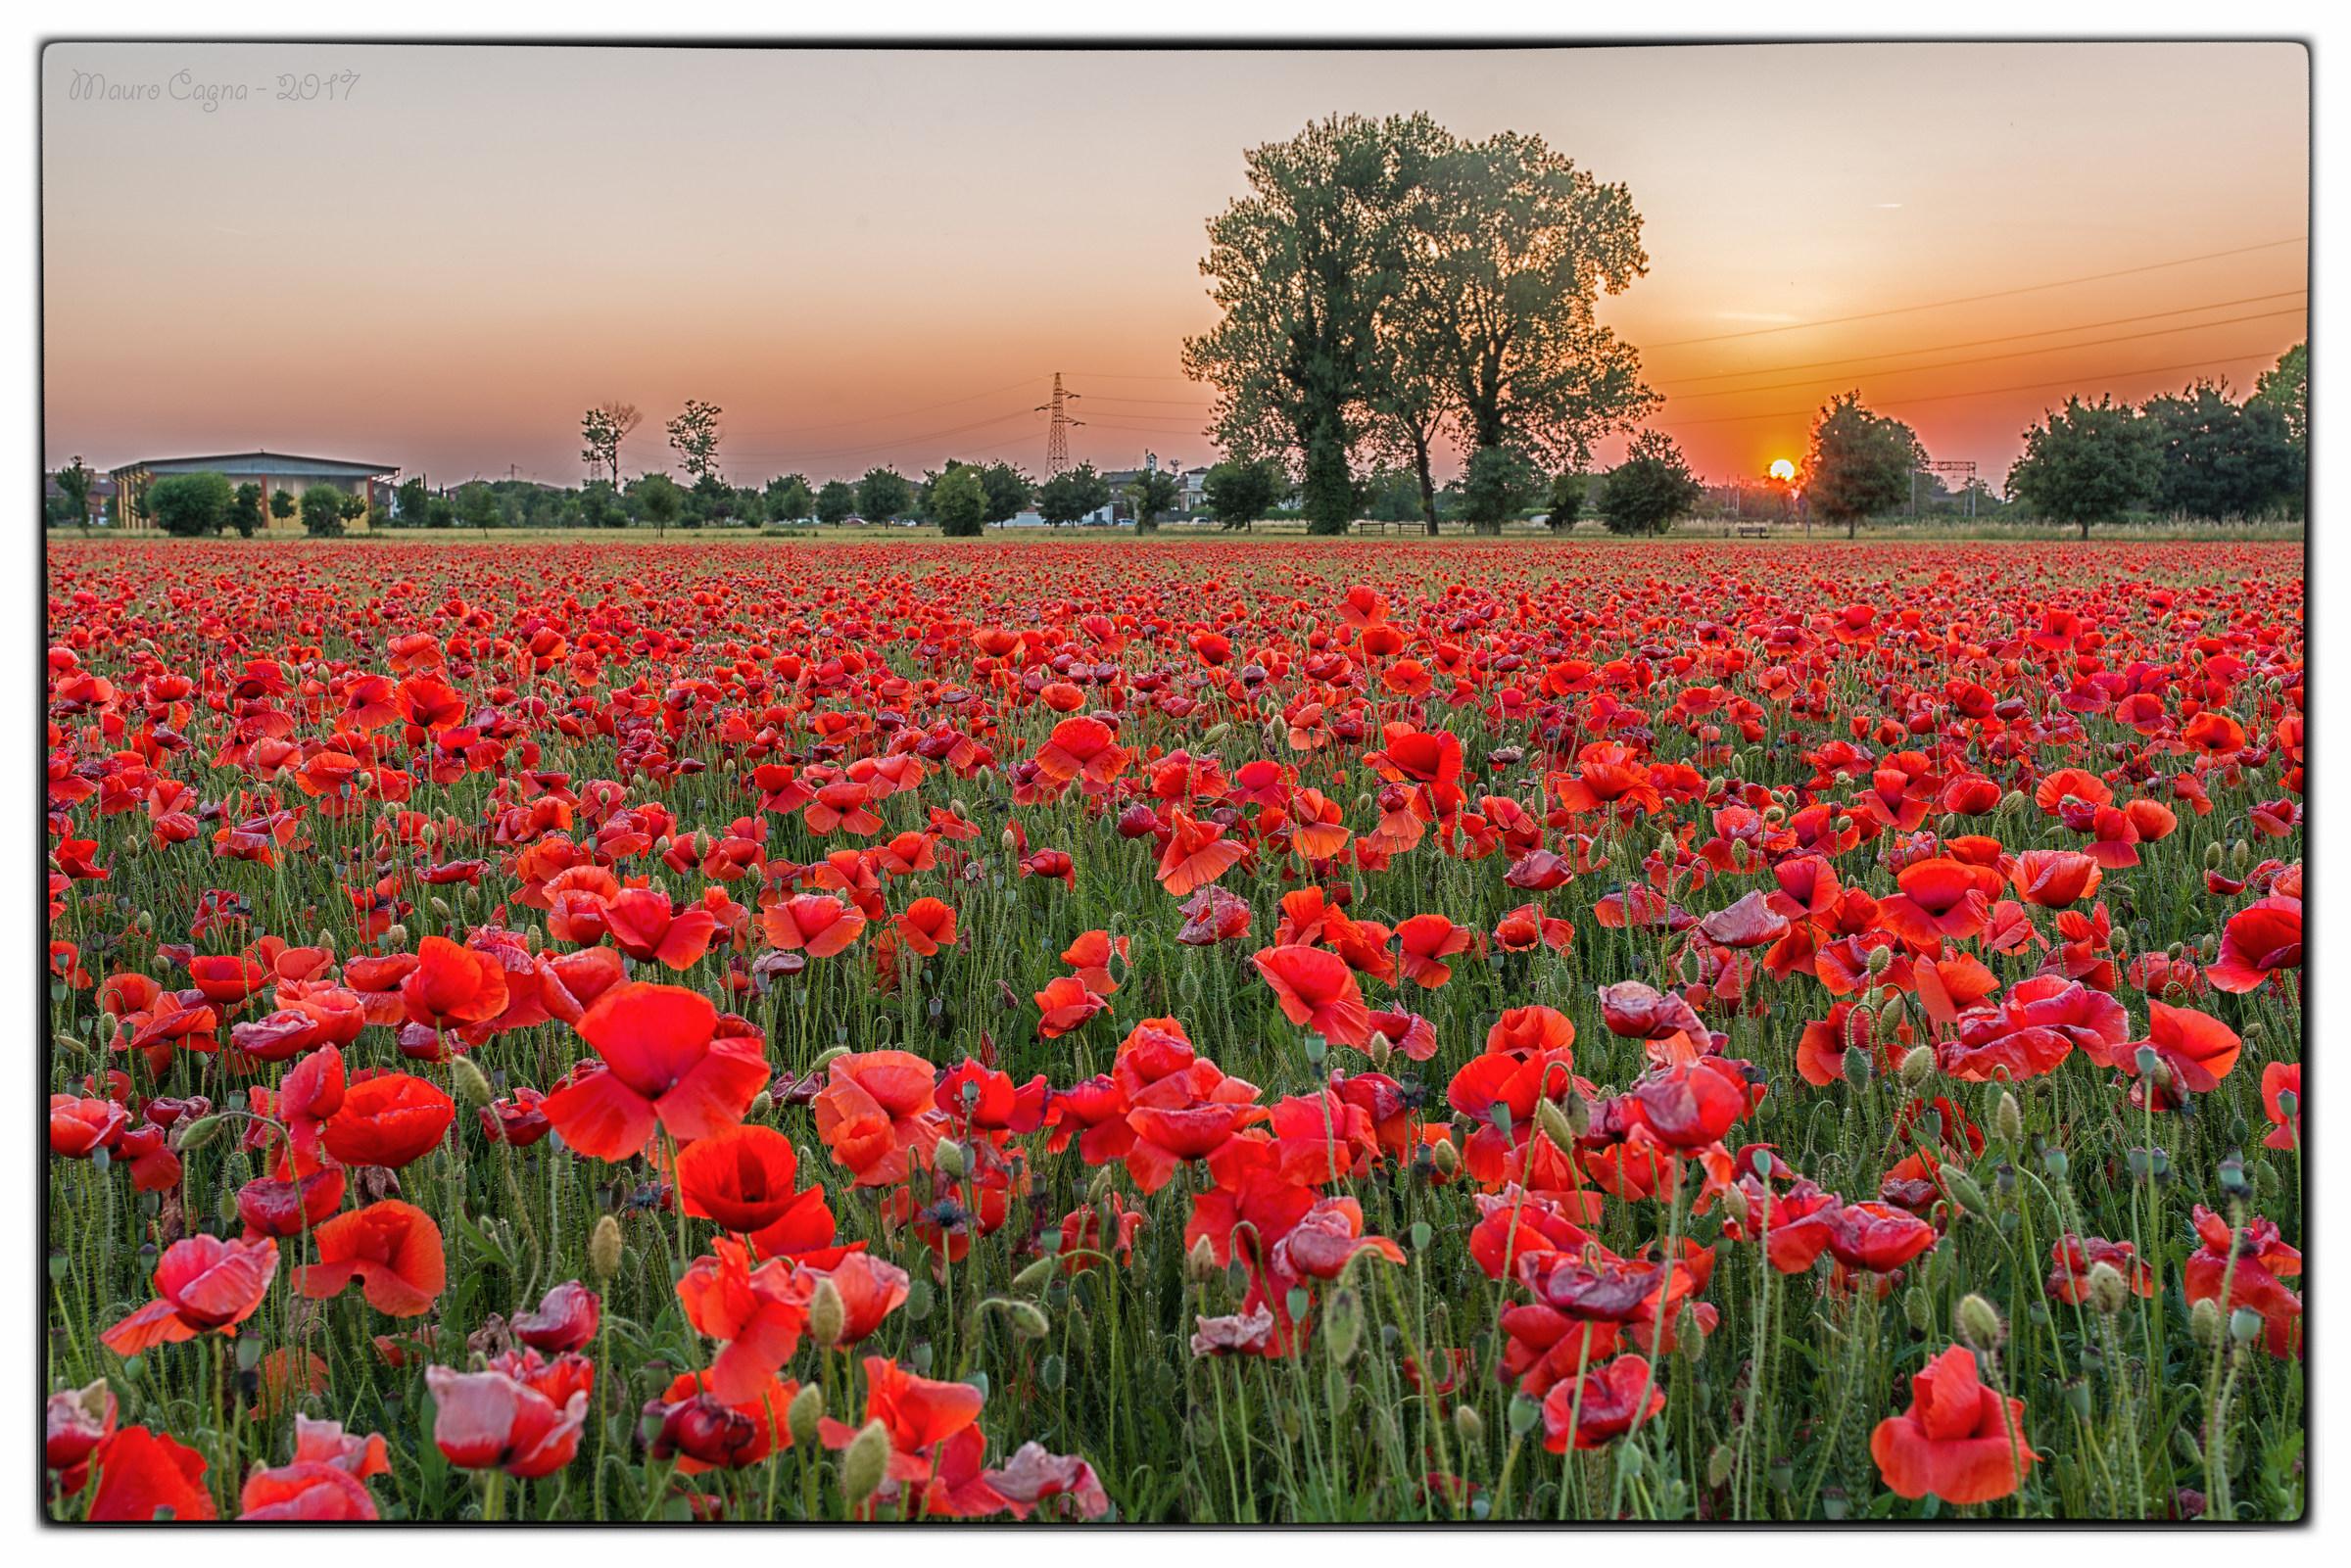 Tappeto rosso al tramonto...